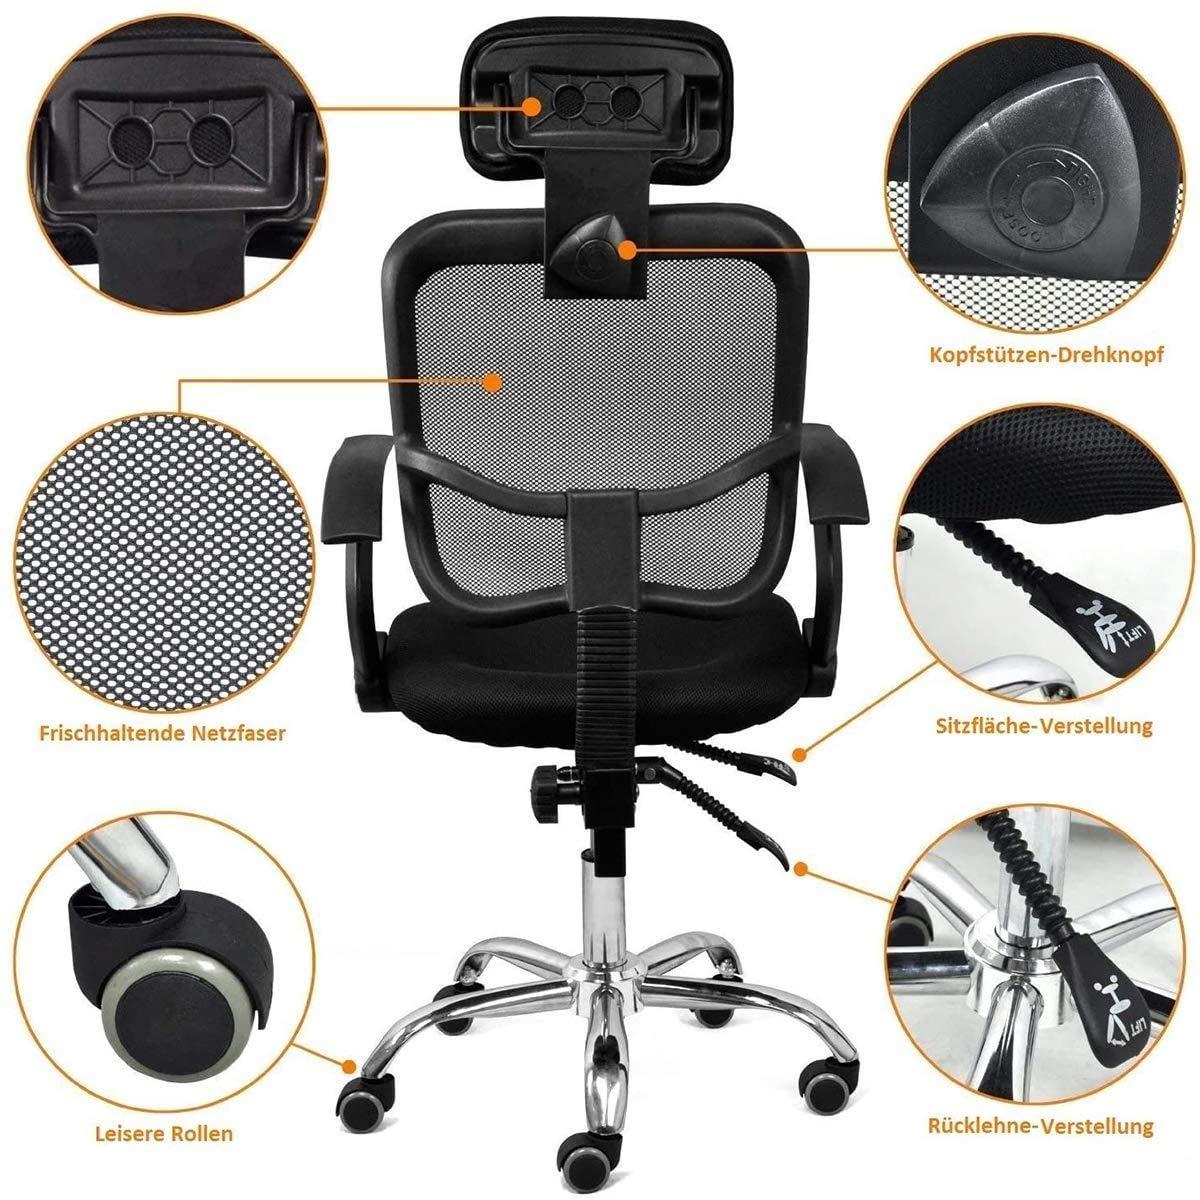 TcooLPE dator kontorsstol justerbar svängbar uppgift stol armstöd, höjd justerbar, 360 ° vridbar mjuk sits nät hög rygg hem kontor (färg: Orange) BLÅ